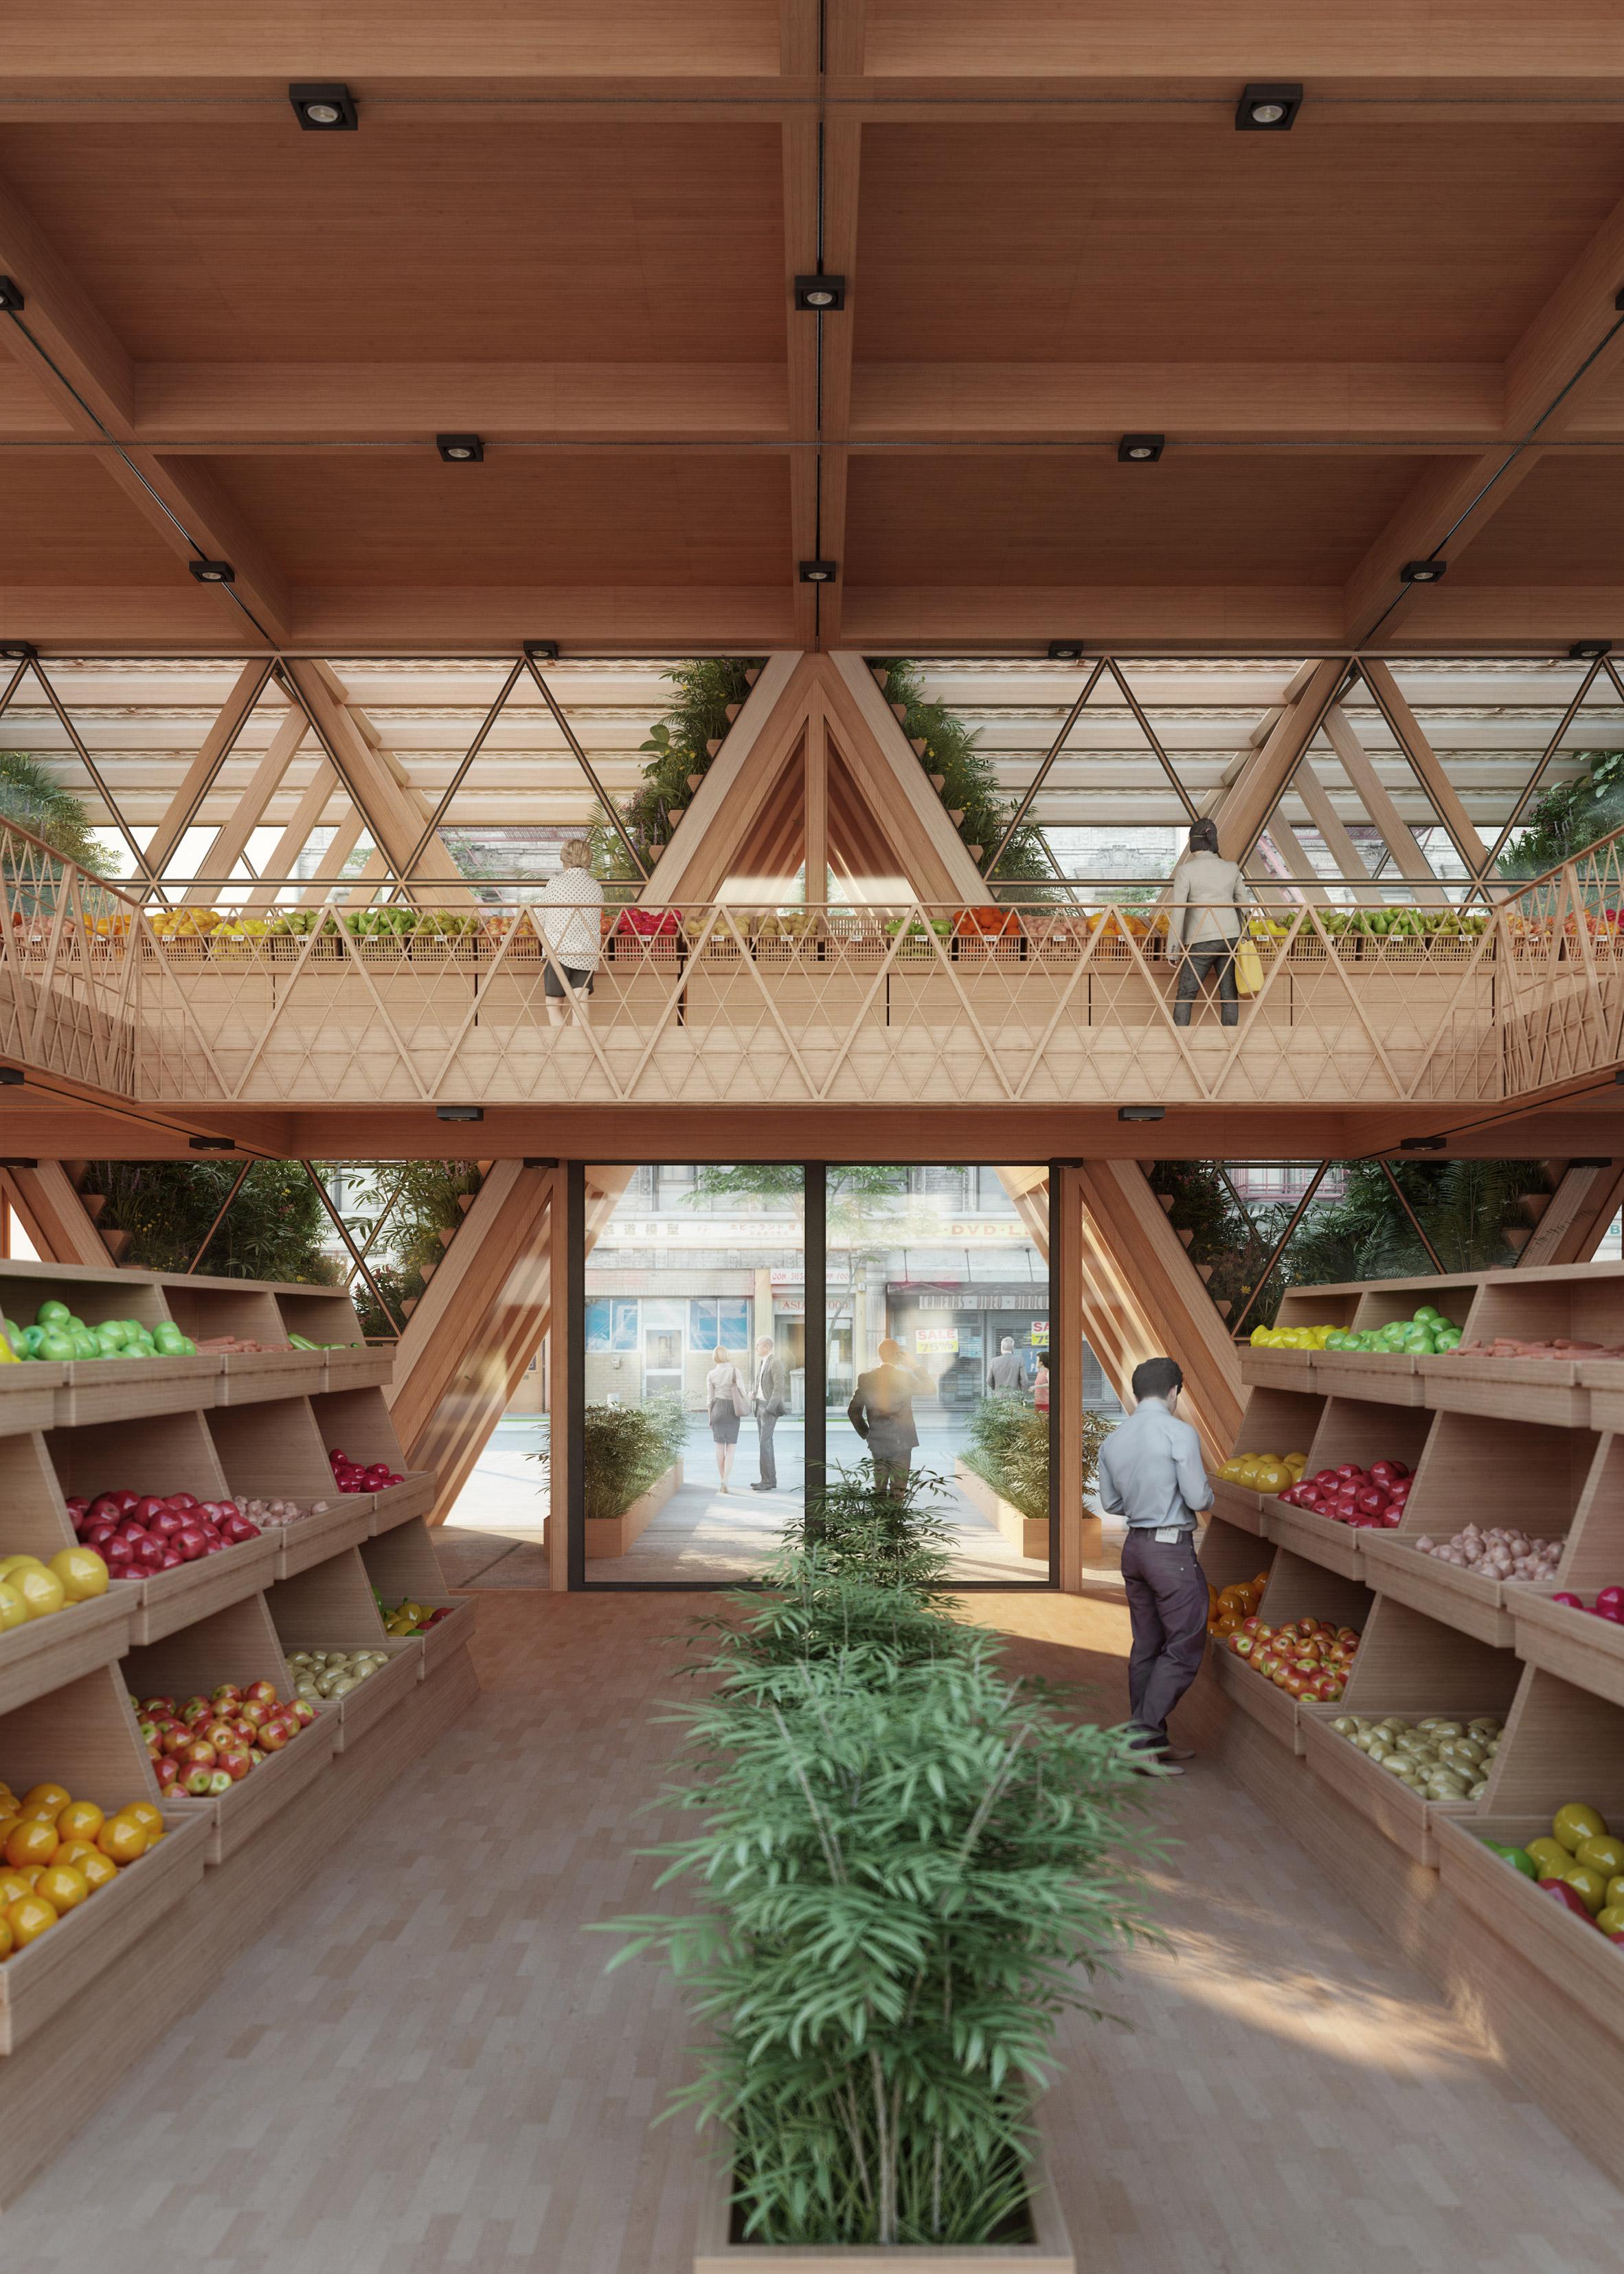 the-farmhouse-vertical-farm-apartments-precht-_dezeen_2364_col_17.jpg